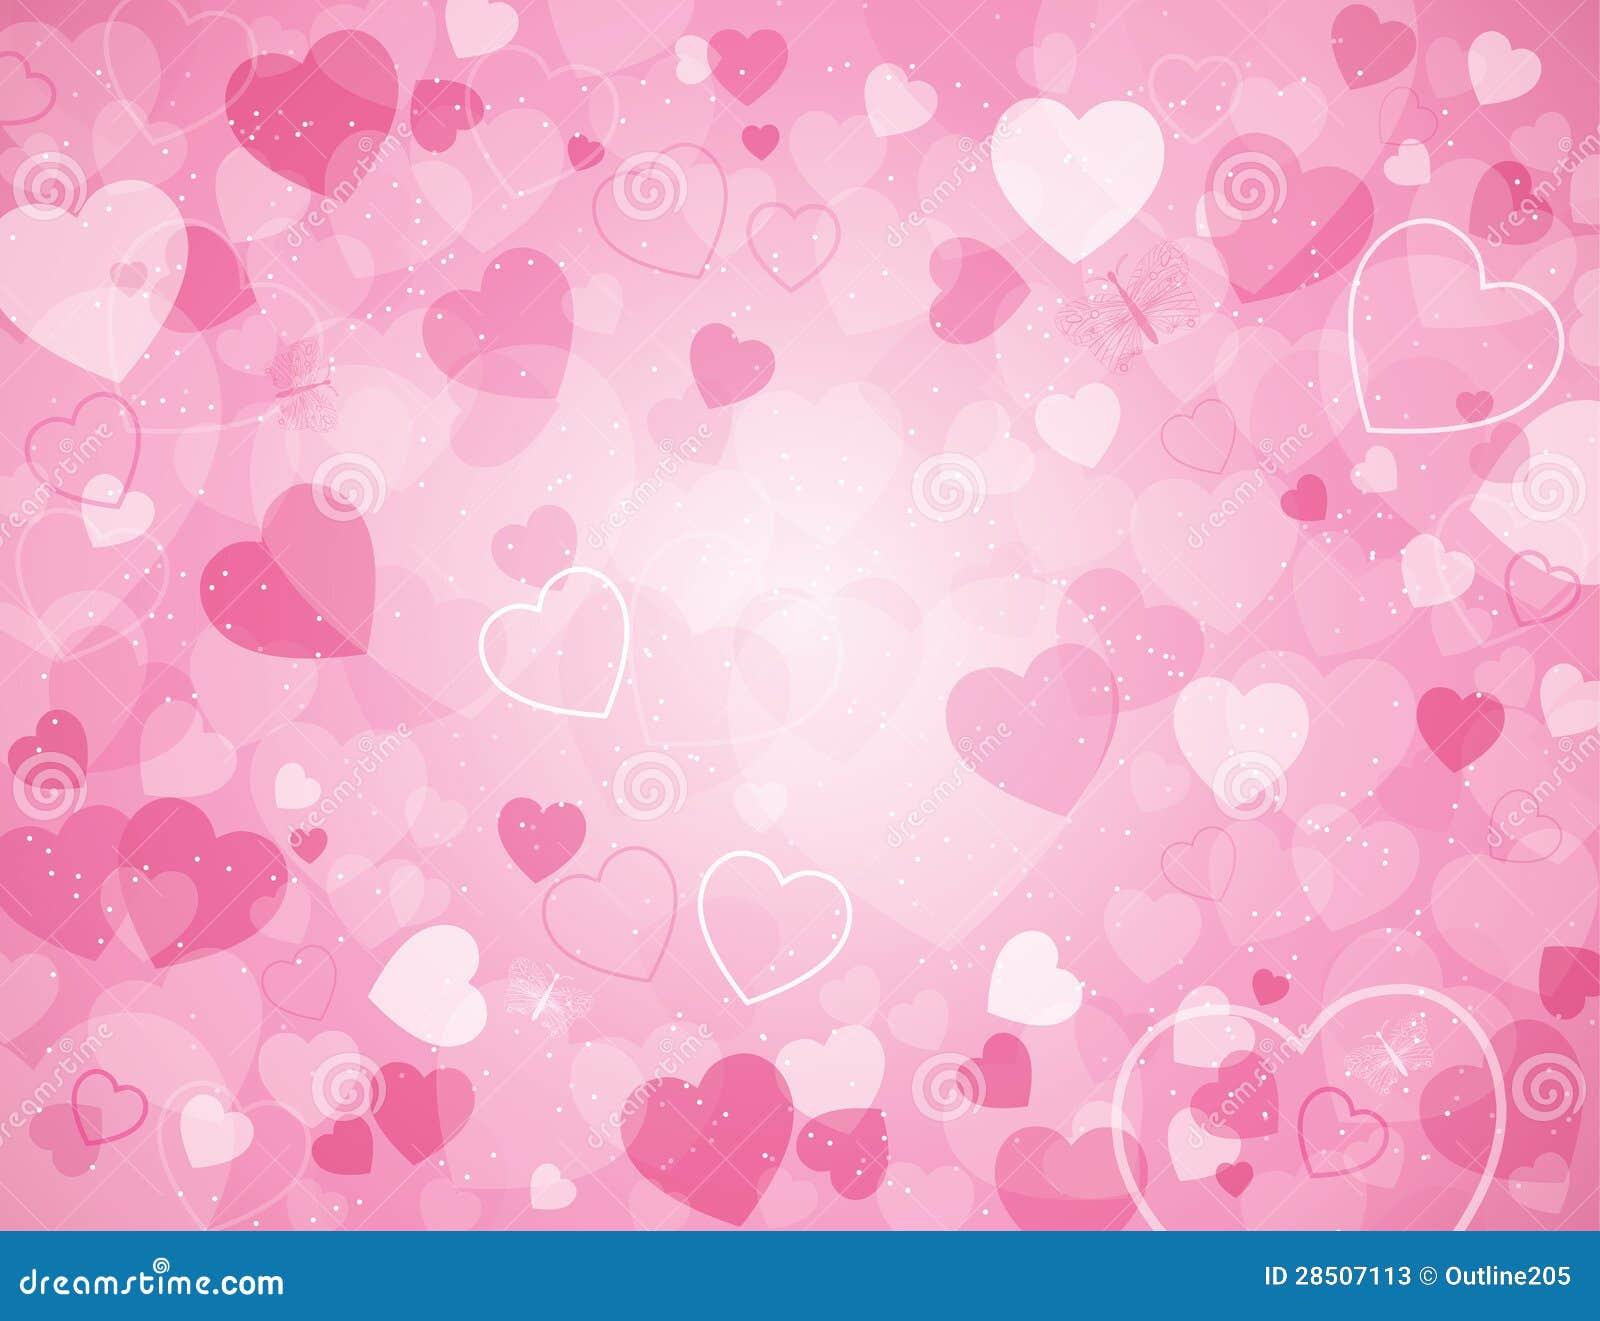 Предпосылка дня Валентайн с сердцами